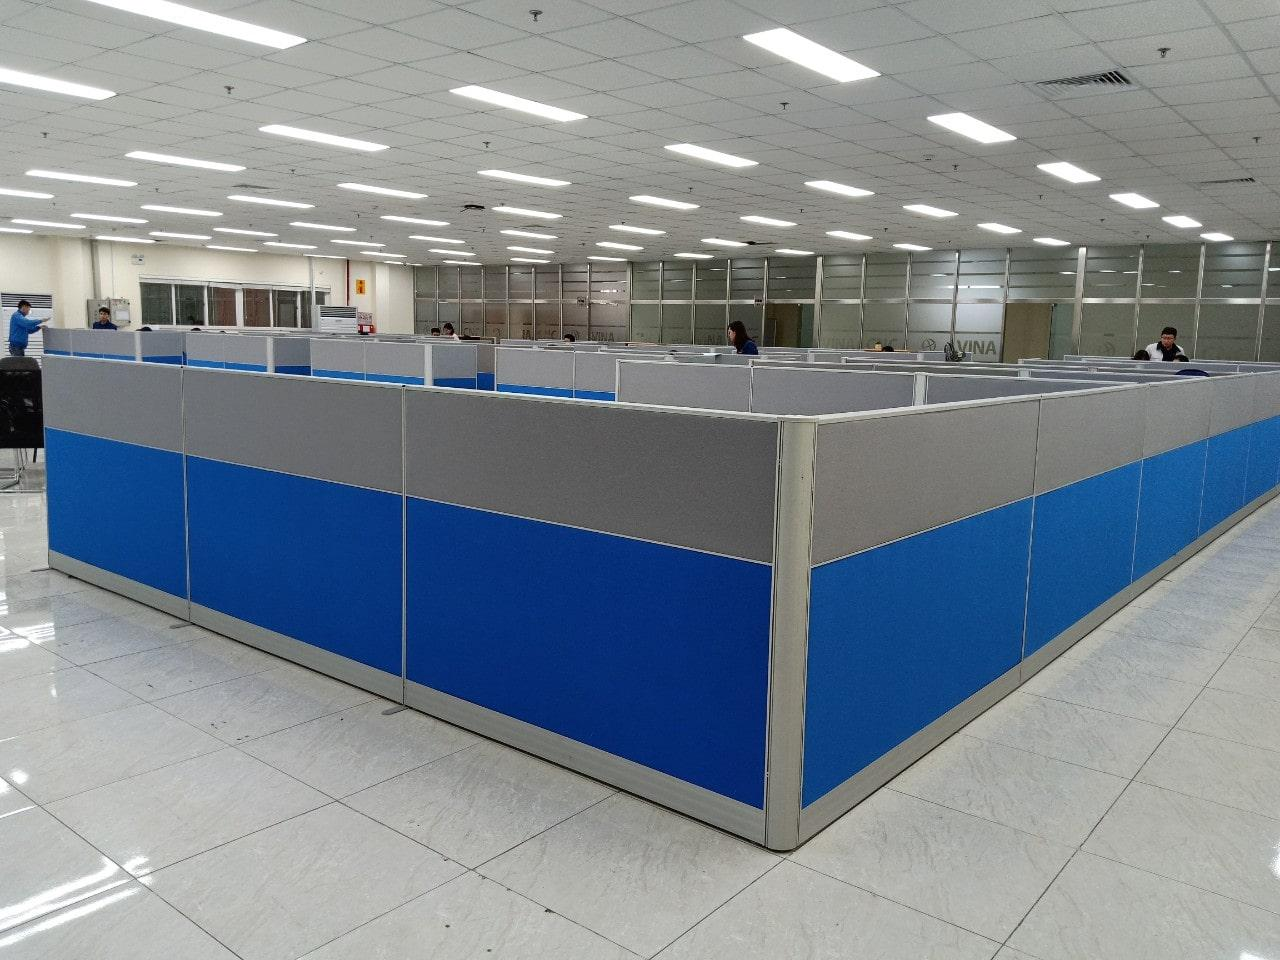 Vách ngăn văn phòng nỉ VNN09 - Dự án tại khu công nghiệp Đại Đồng, Bắc Ninh